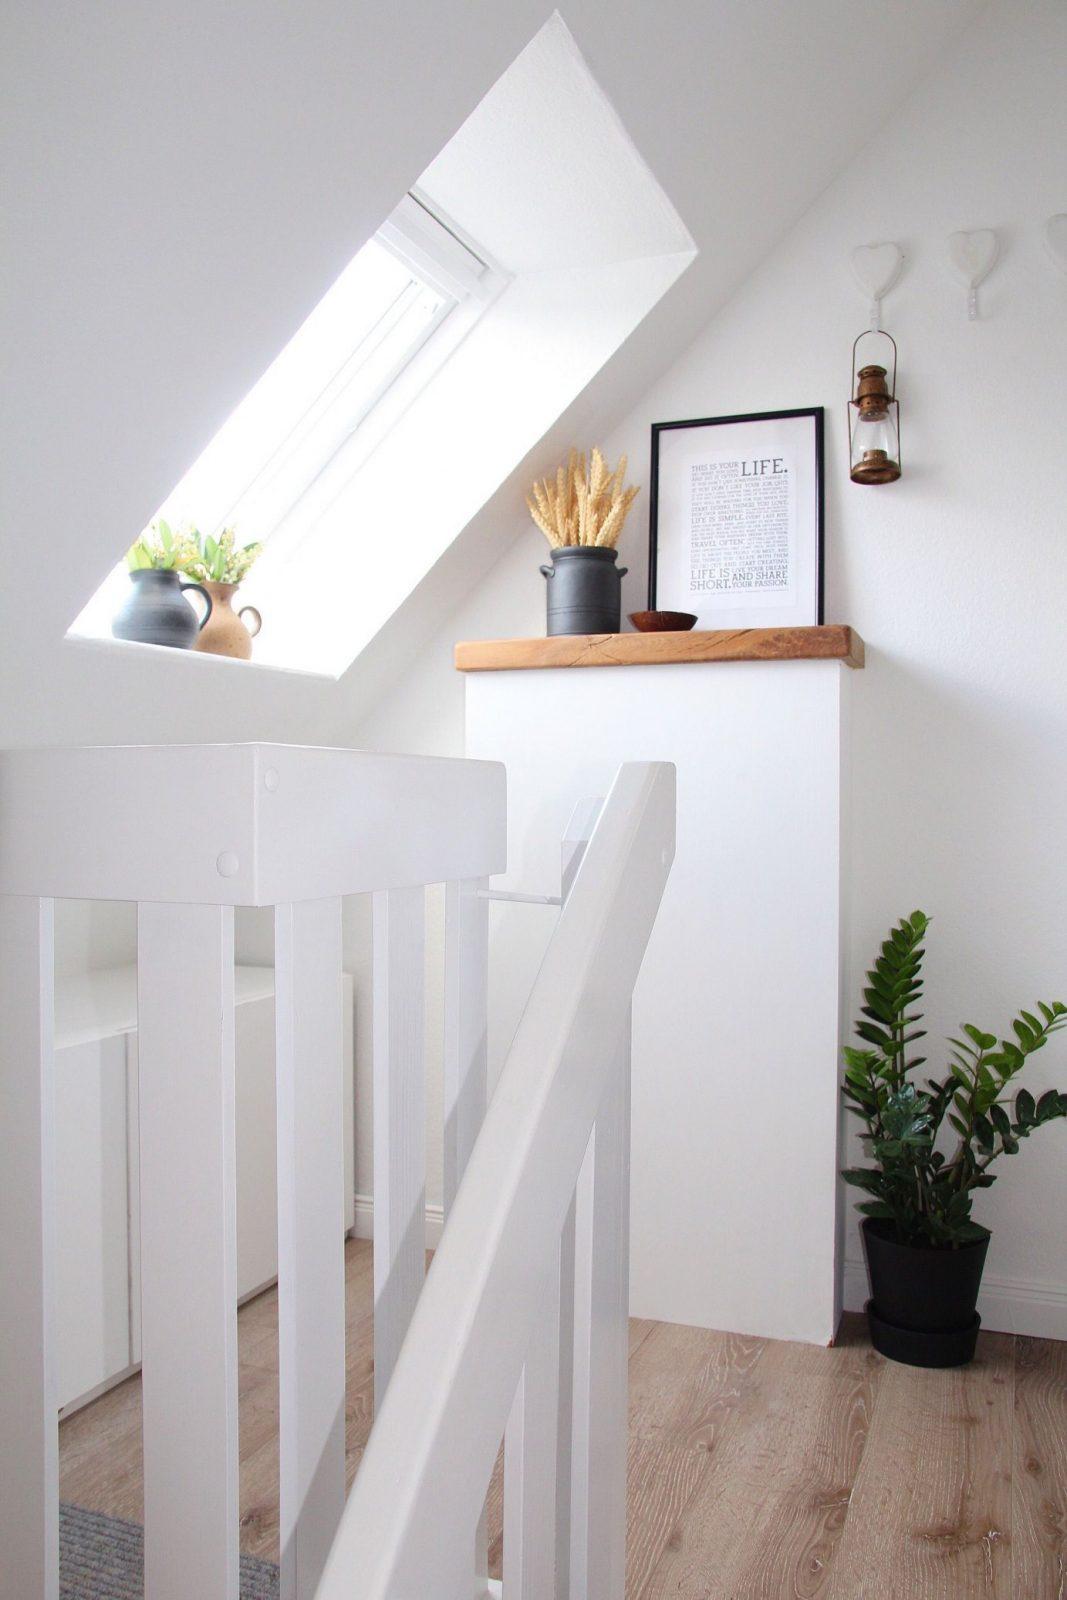 Flur Und Treppenhaus Neu Gestalten Vorher Nachher  Flur Ideen Diy von Altes Treppenhaus Neu Gestalten Photo